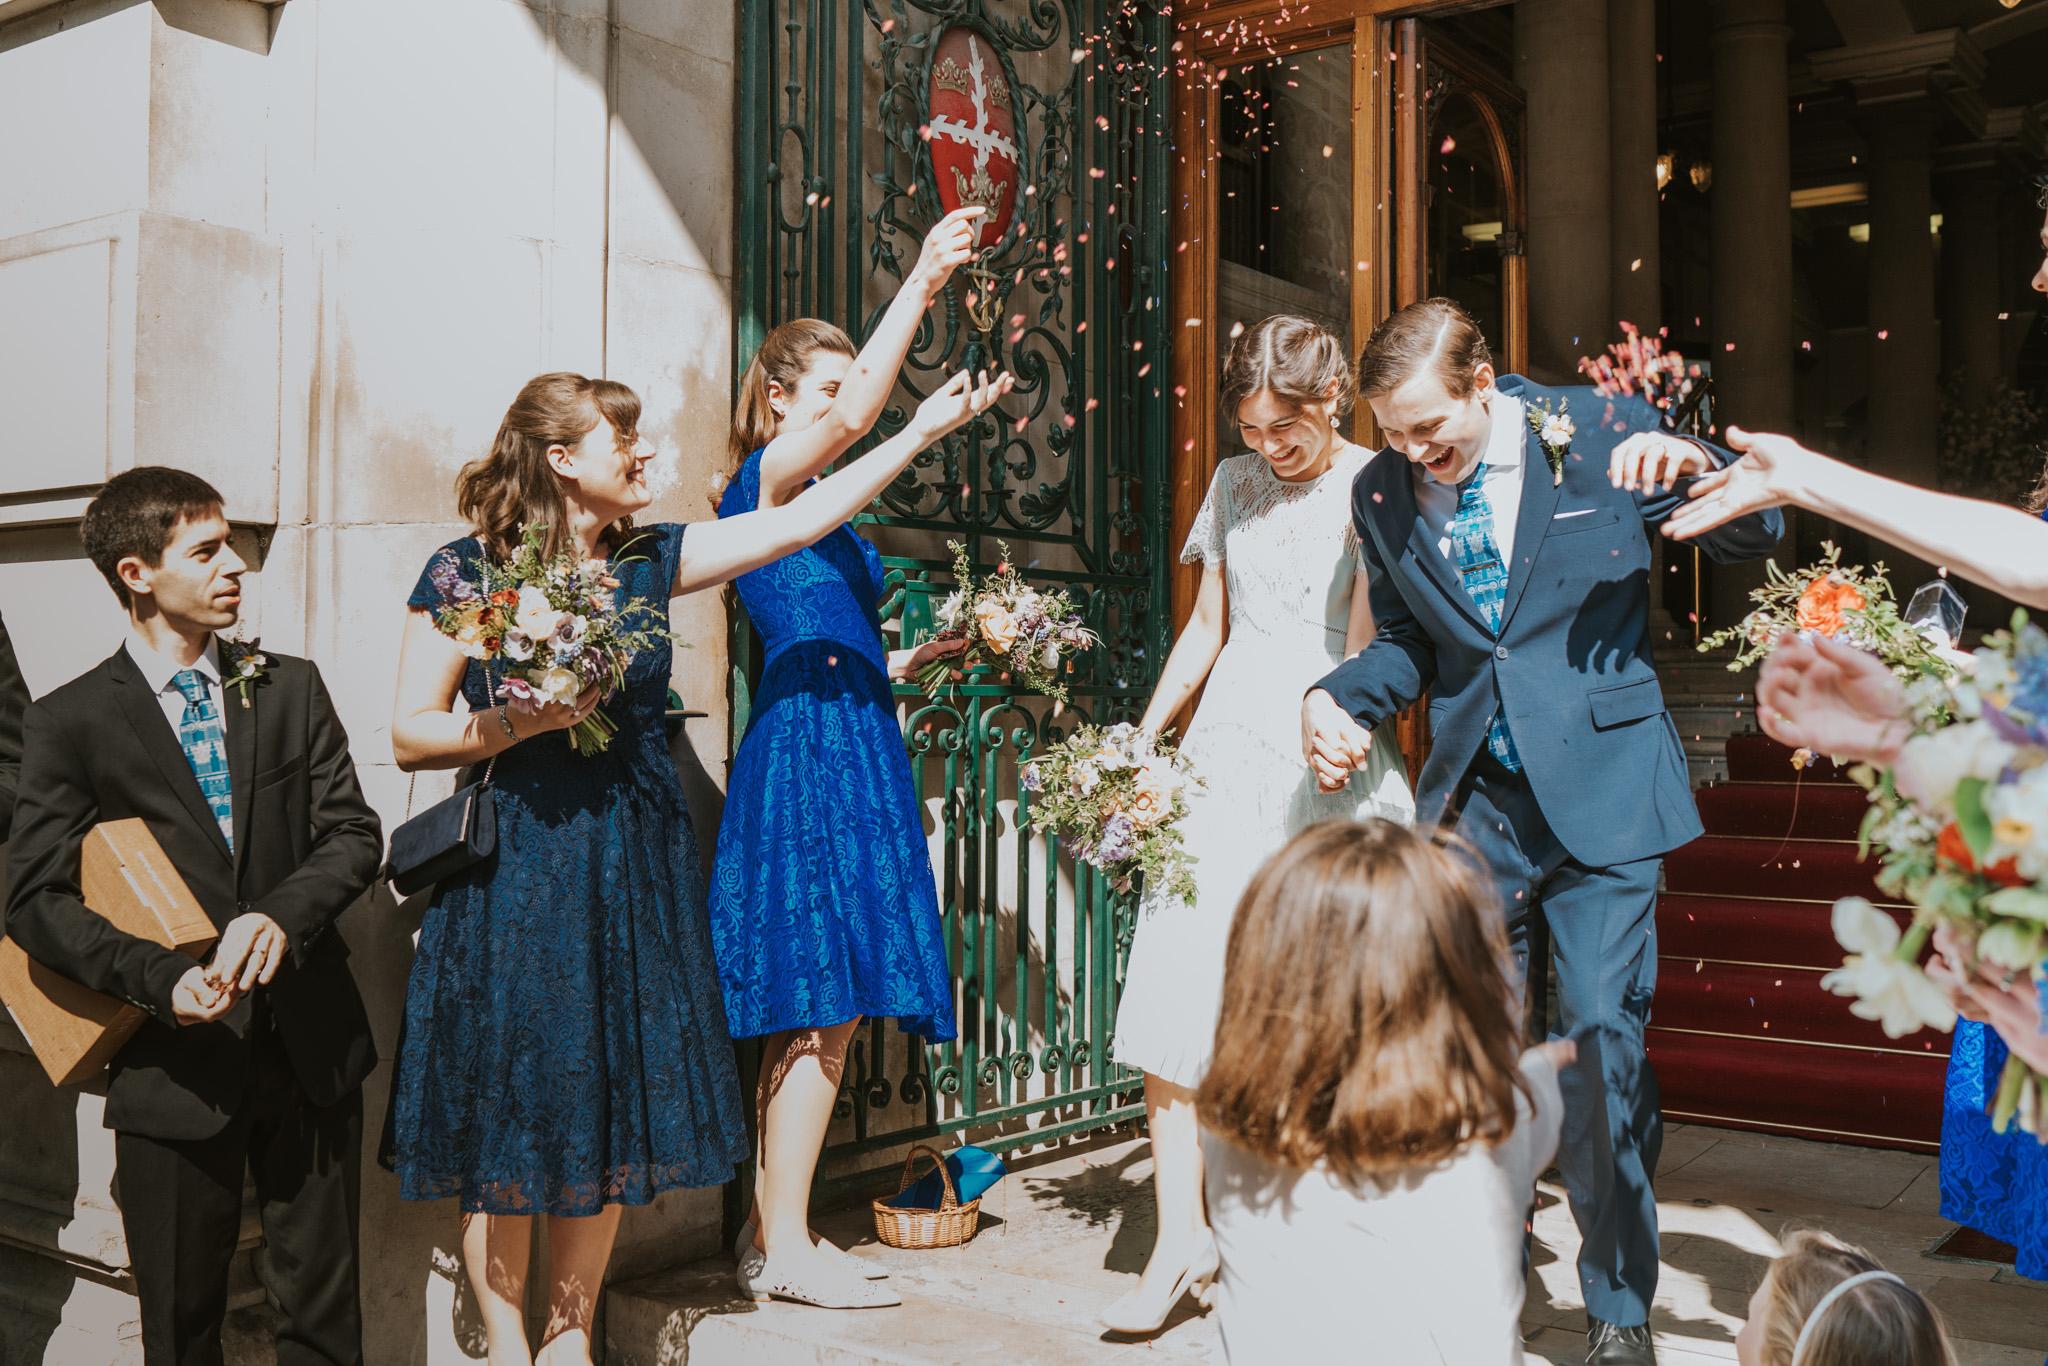 Will-Rhiannon-Art-Deco-Alterative-Essex-Wedding-Suffolk-Grace-Elizabeth-47.jpg